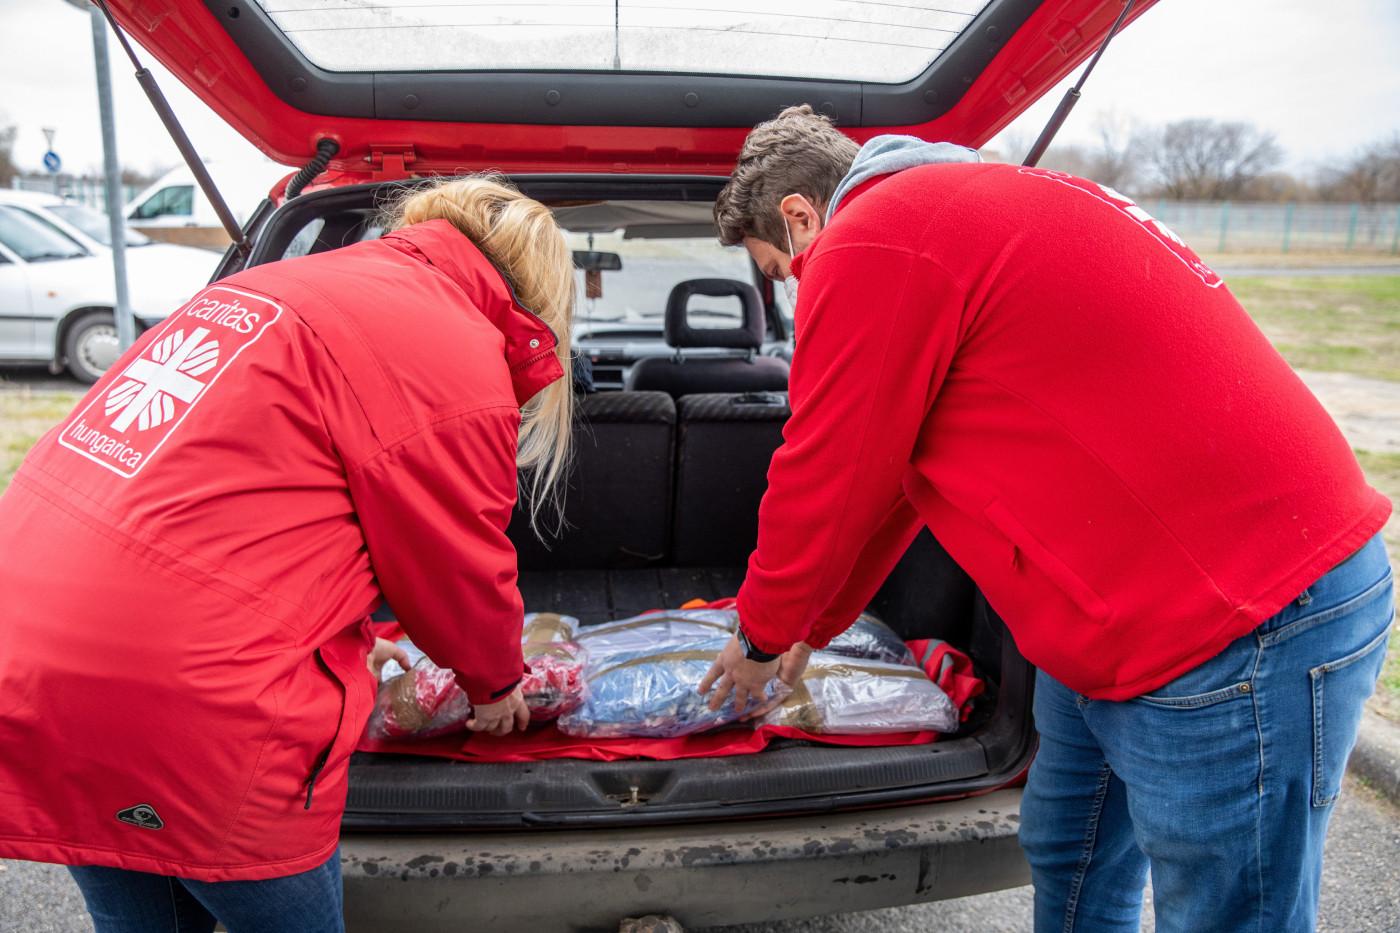 A pénzügyőrök egy észak-macedón teherautó ellenőrzésekor a motortérben és a csomagok között megközelítőleg 3500 szövetmaszkot találtak